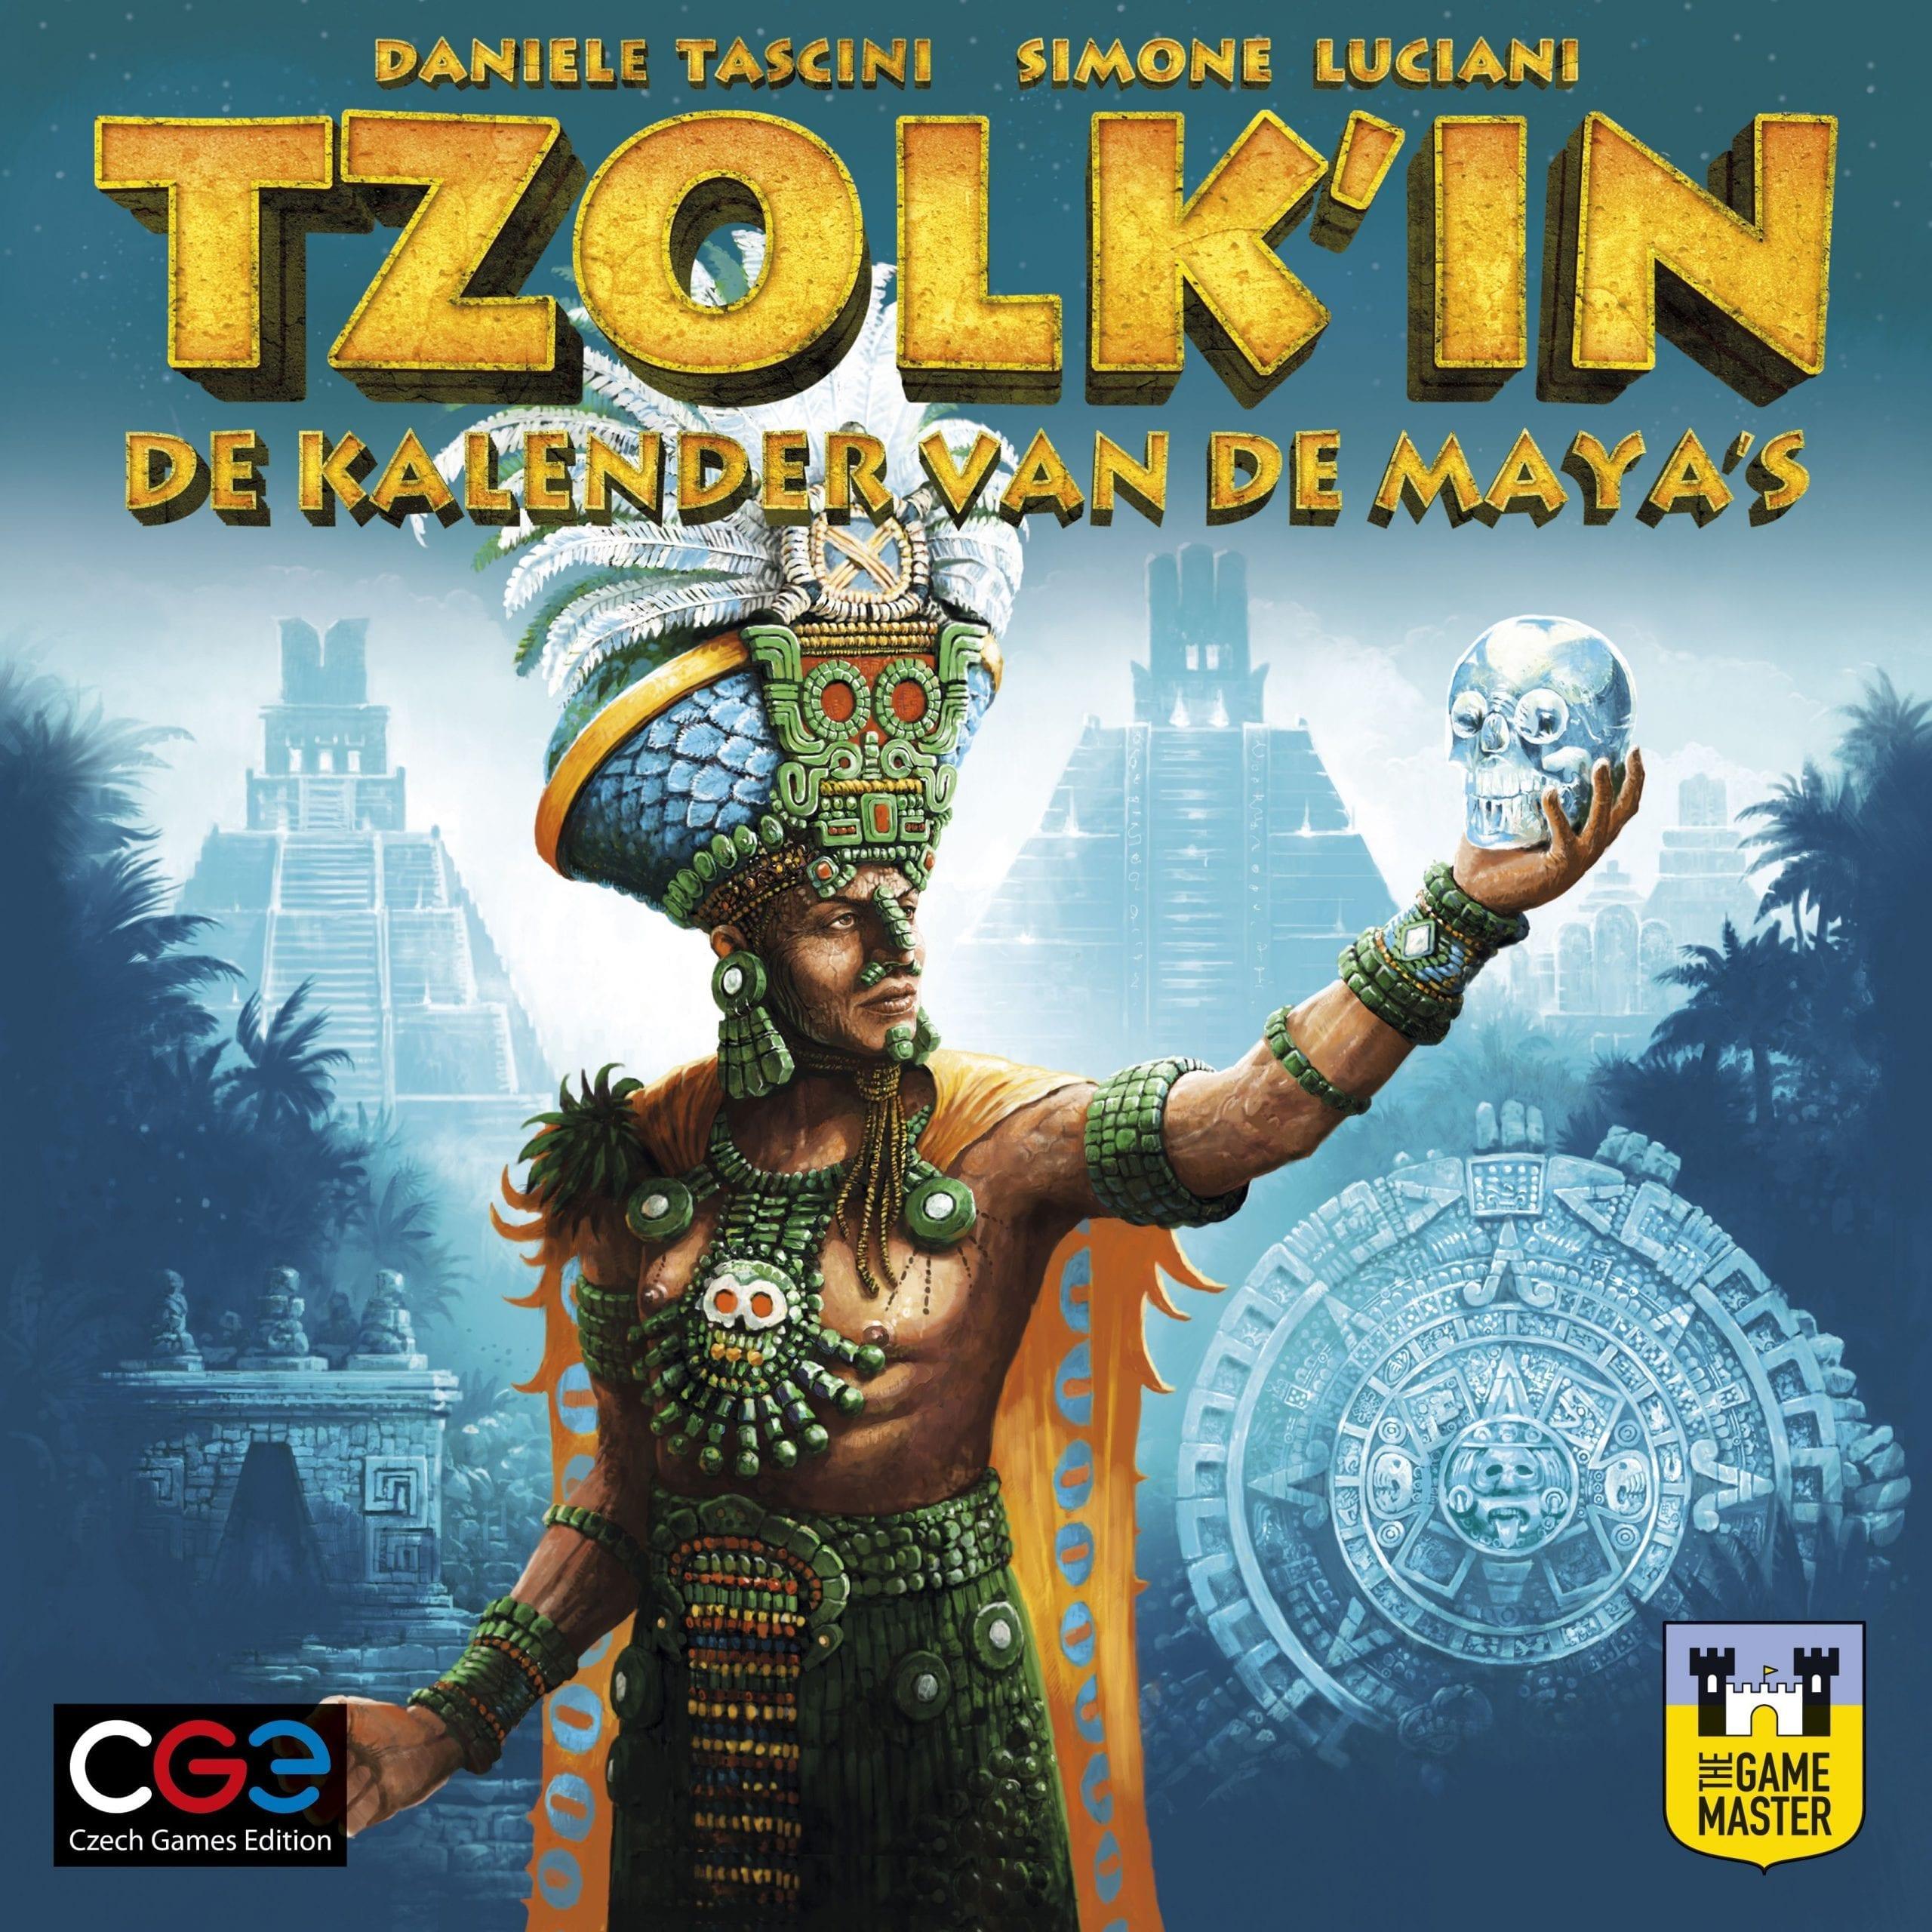 Tzolk'in: De Kalender van de Maya's